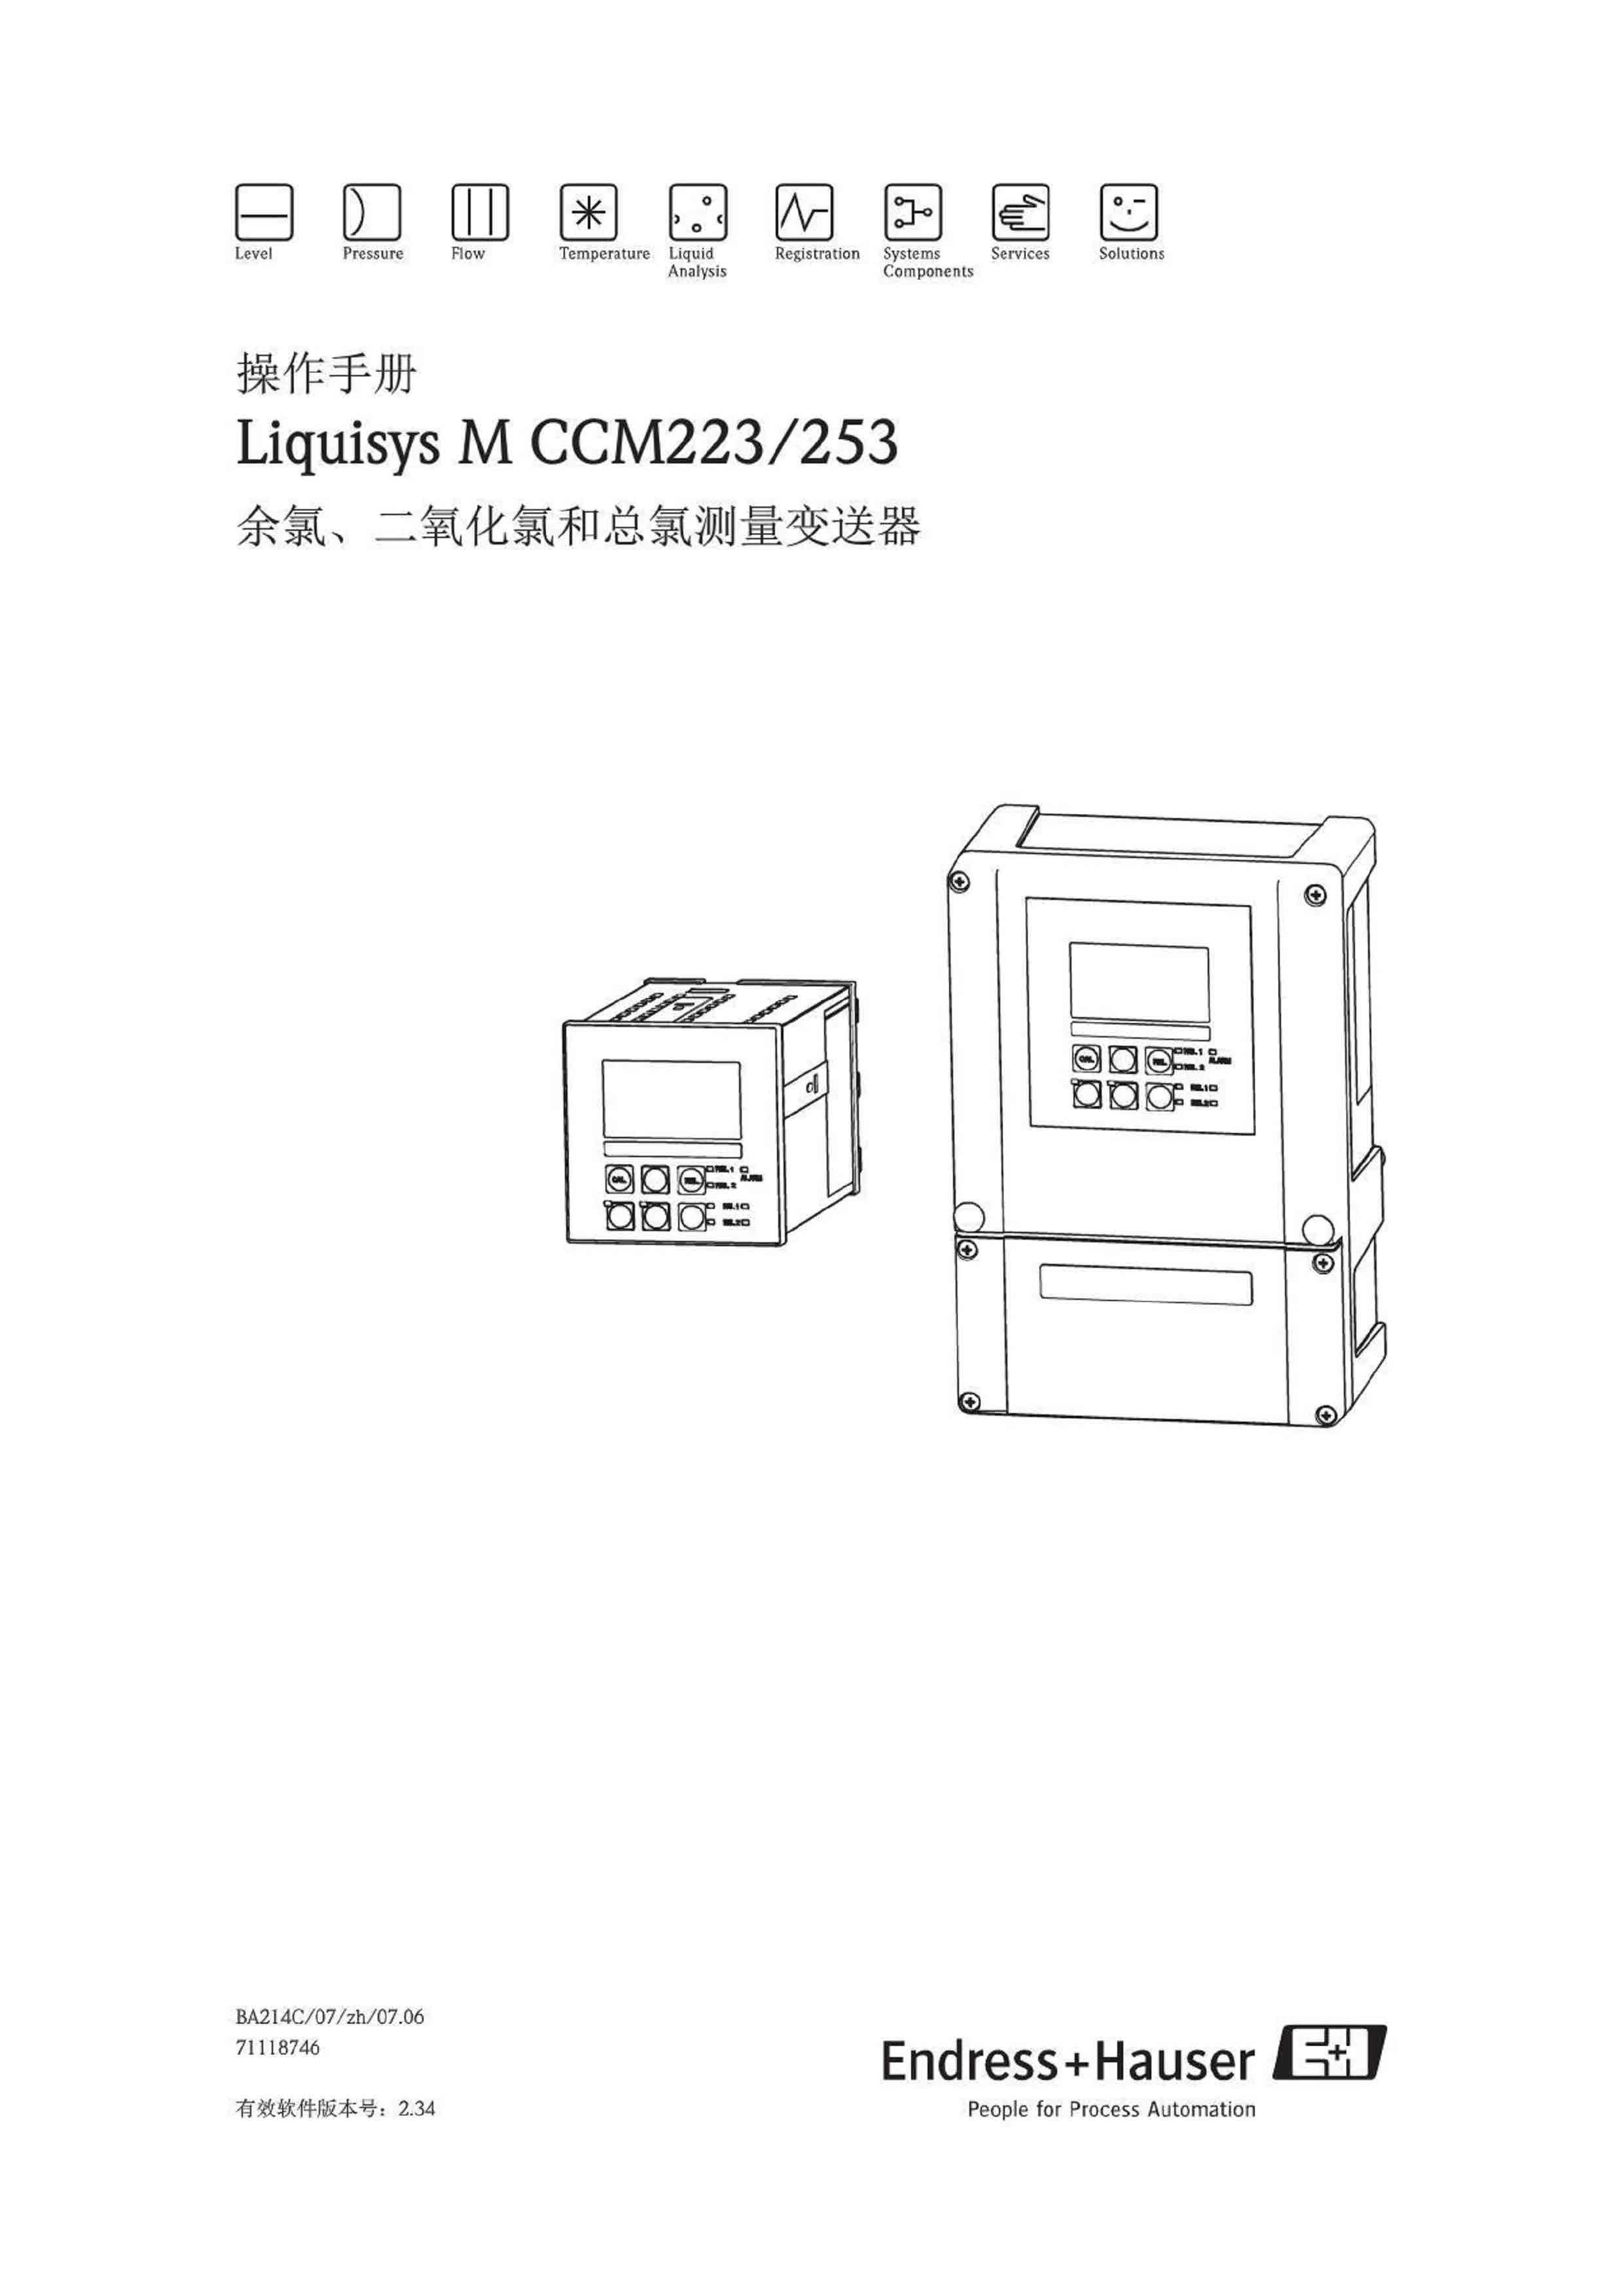 E+H LiquisysMCCM223CCM253余氯二氧化氯总氯变送器操作手册